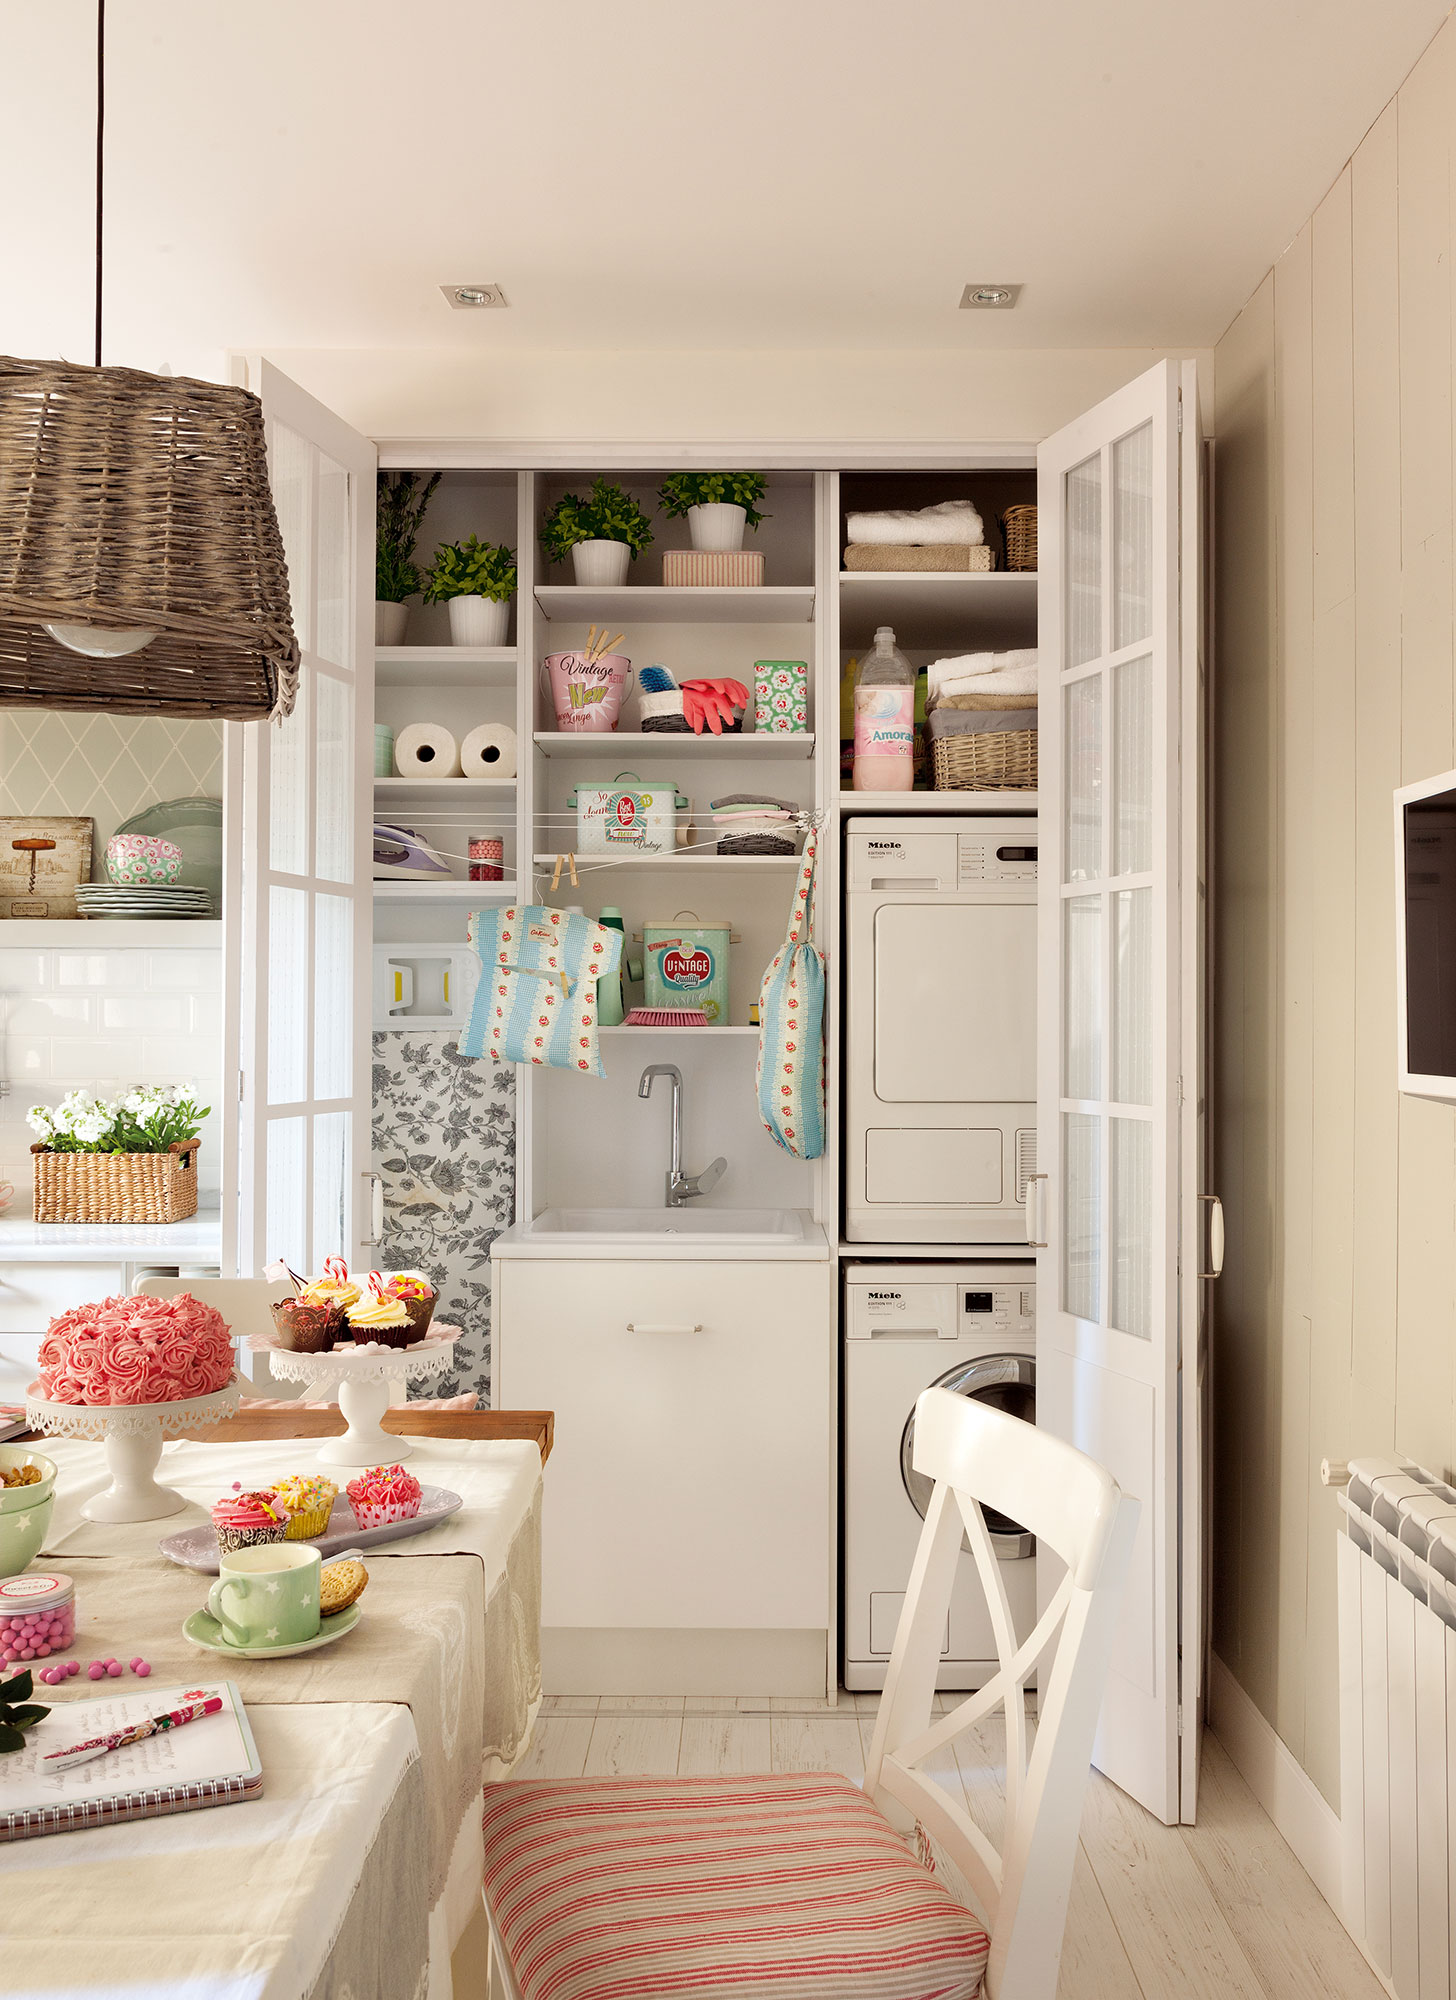 D nde poner la lavadora en casa - Medidas de lavadoras y secadoras ...